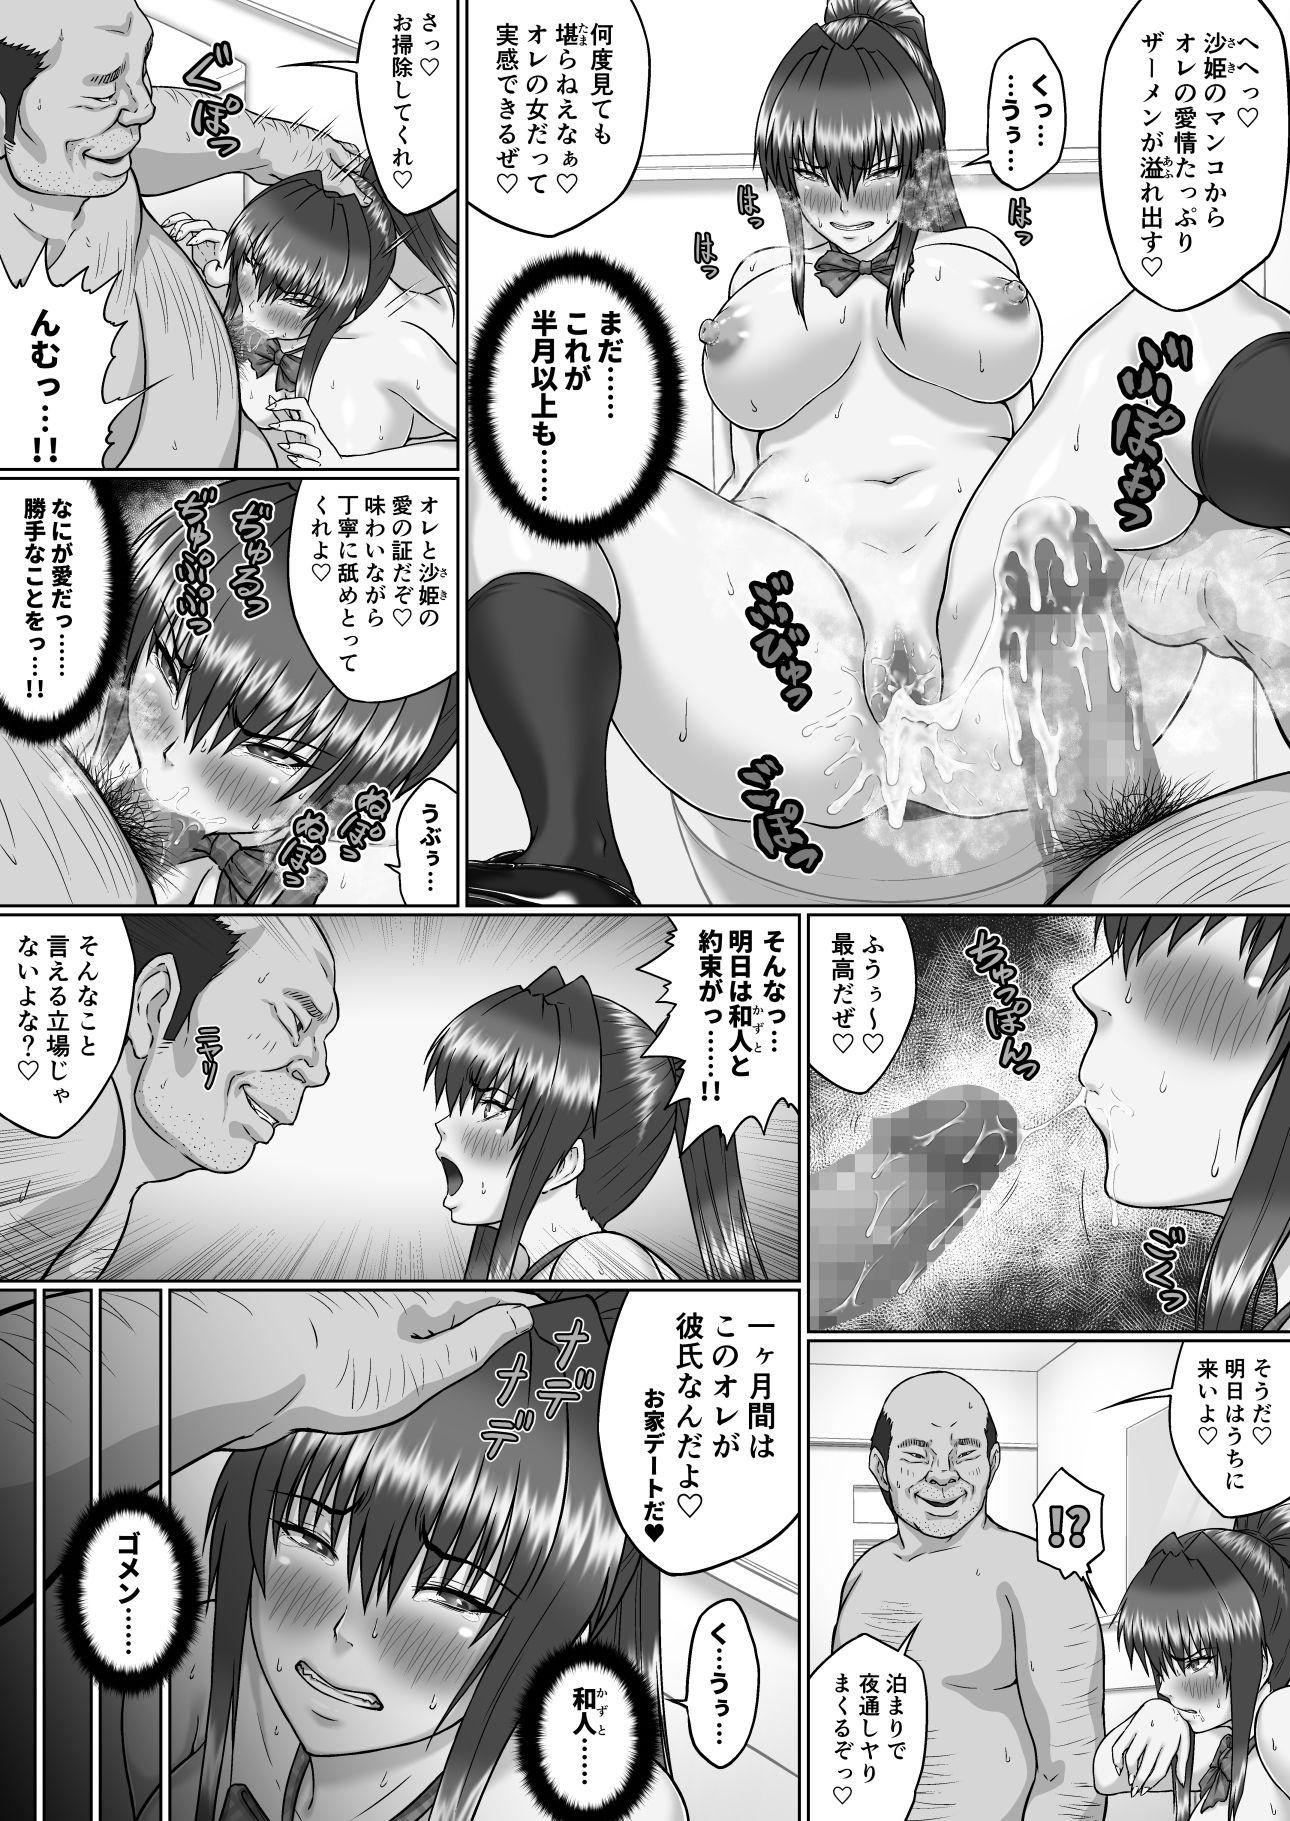 【エロ漫画無料大全集】【エロ漫画JK】膣内射精おじさんにひたすら射精されまくる女の子の運命が…